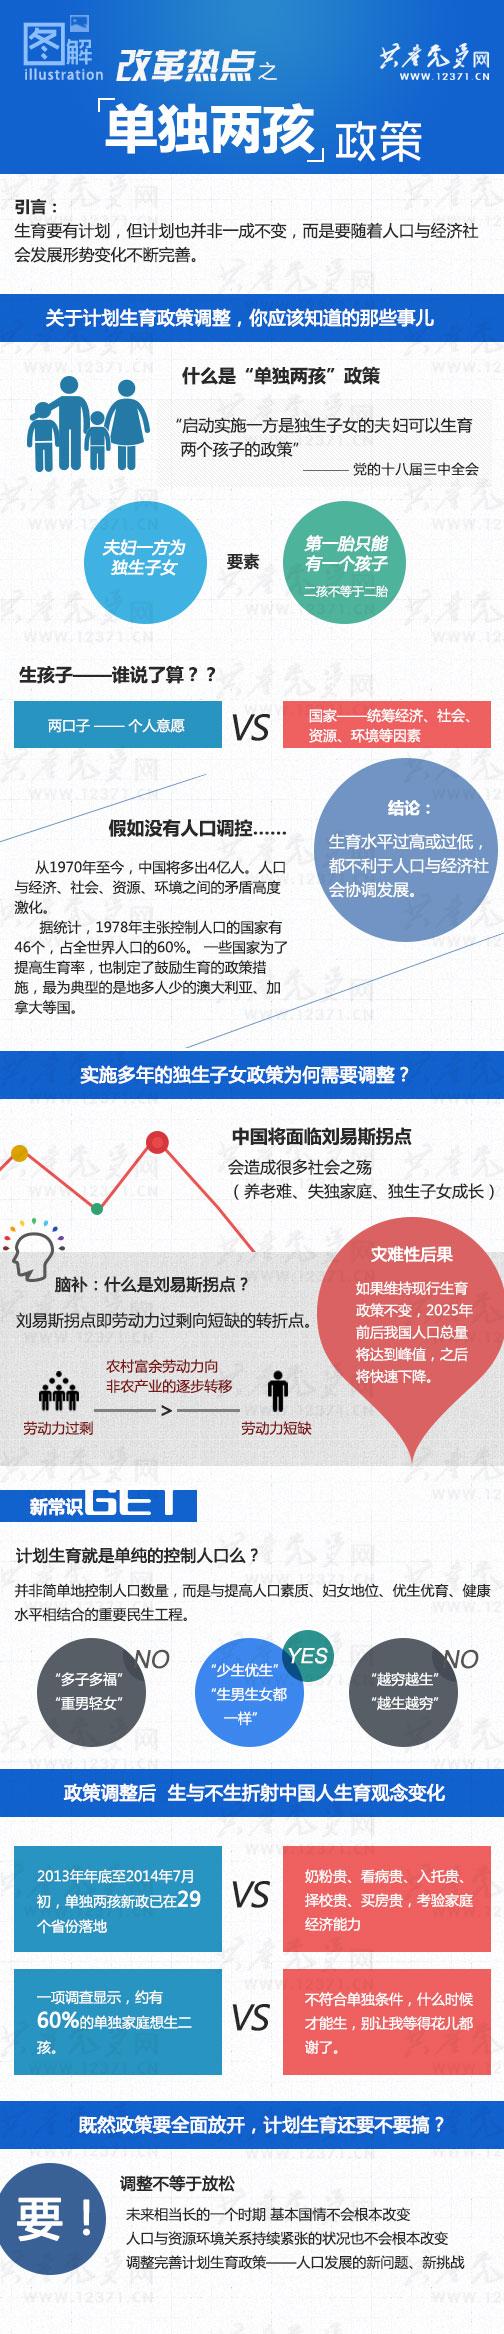 图解计划生育政策改革